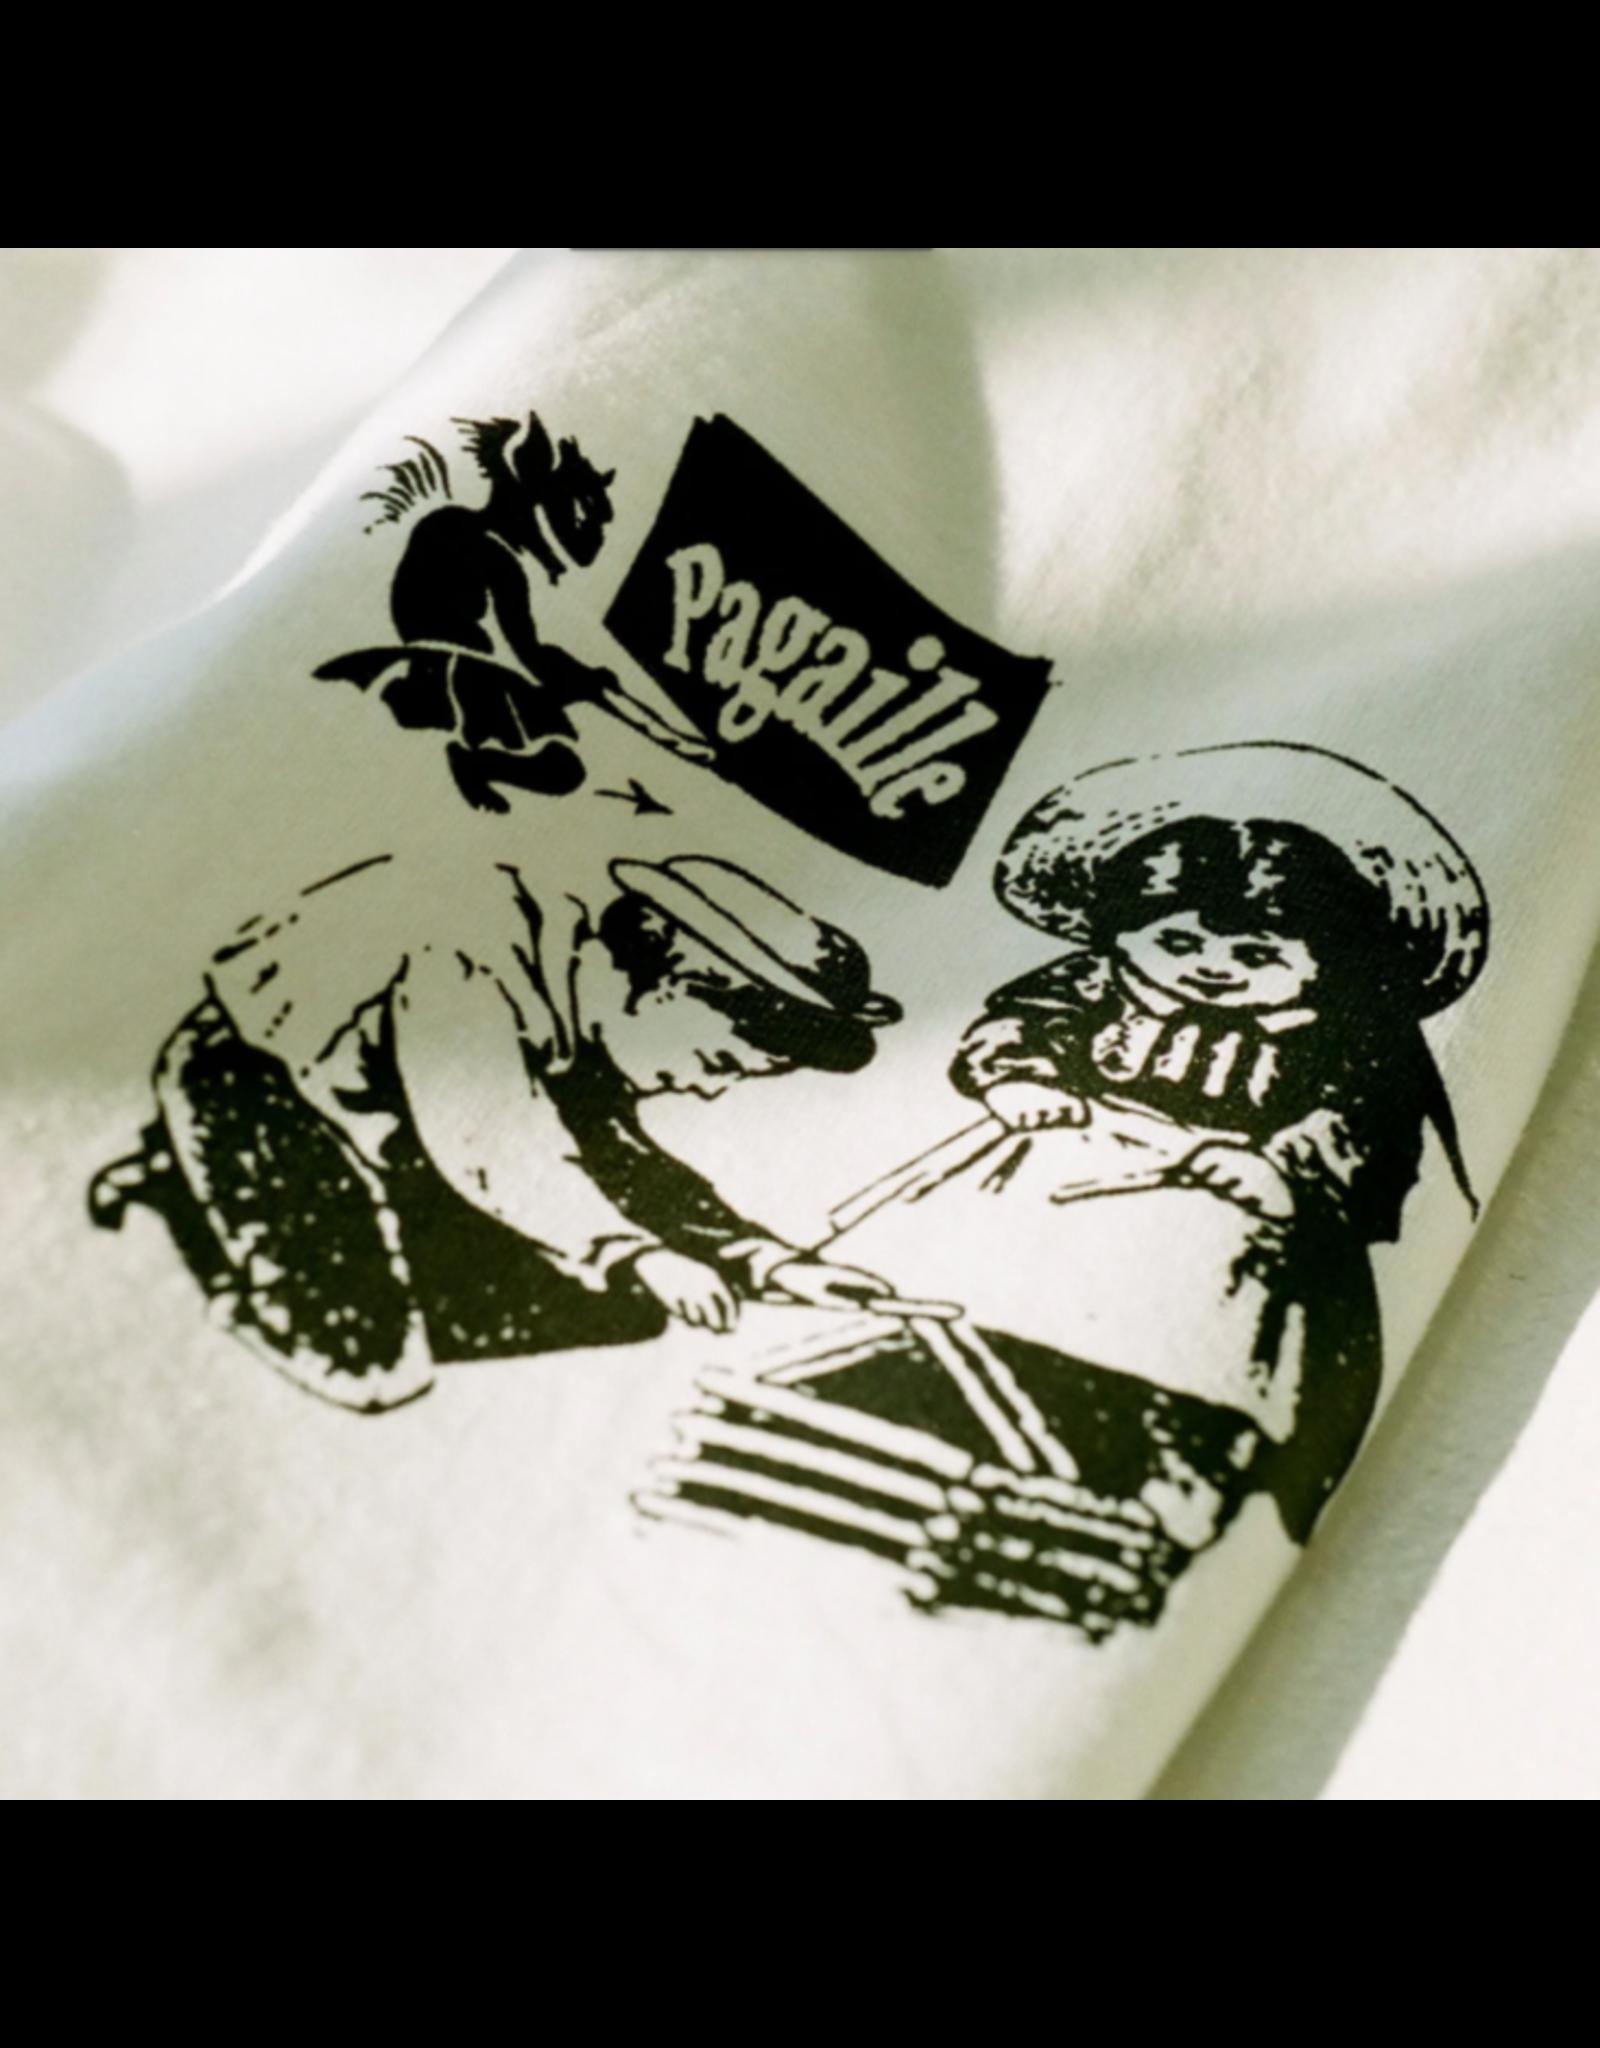 Pagaille Maison Hantée T-Shirt - White